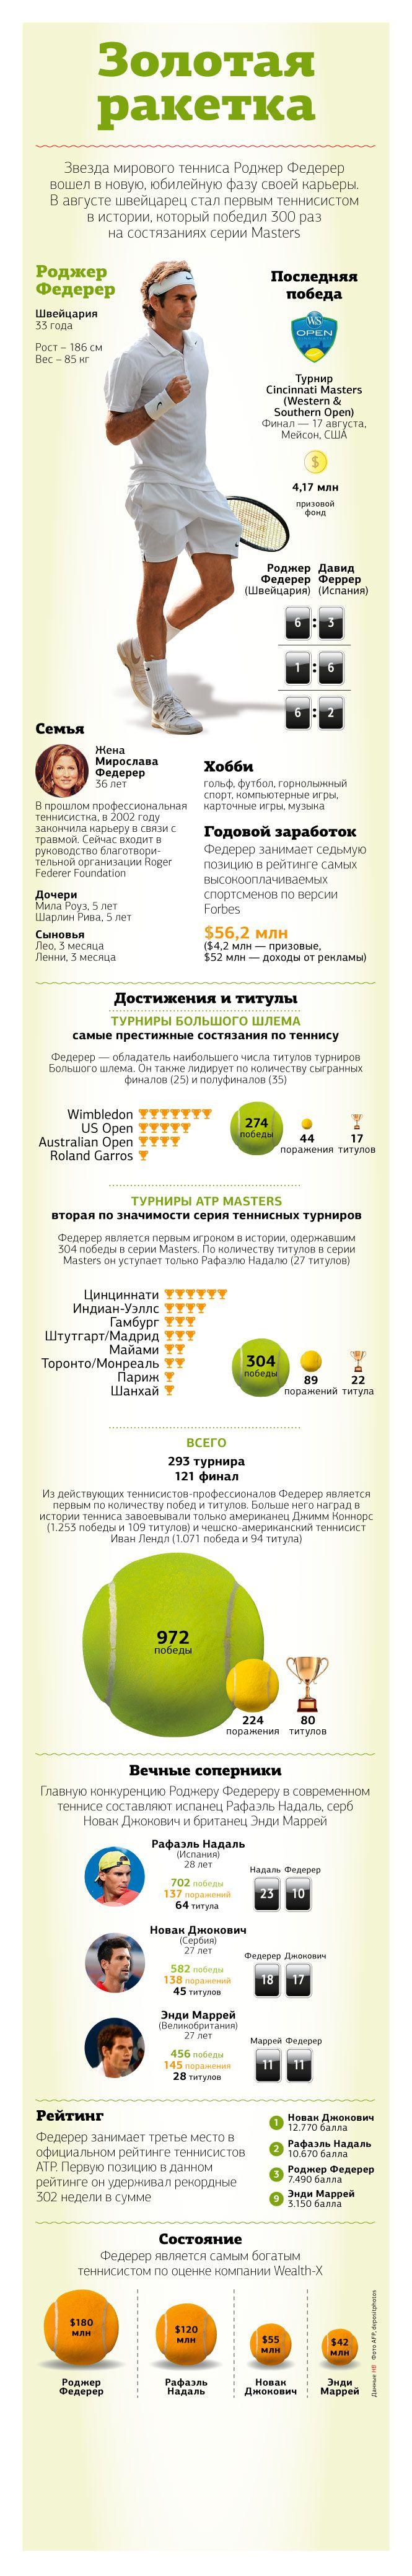 Золотая ракетка Роджер Федерер